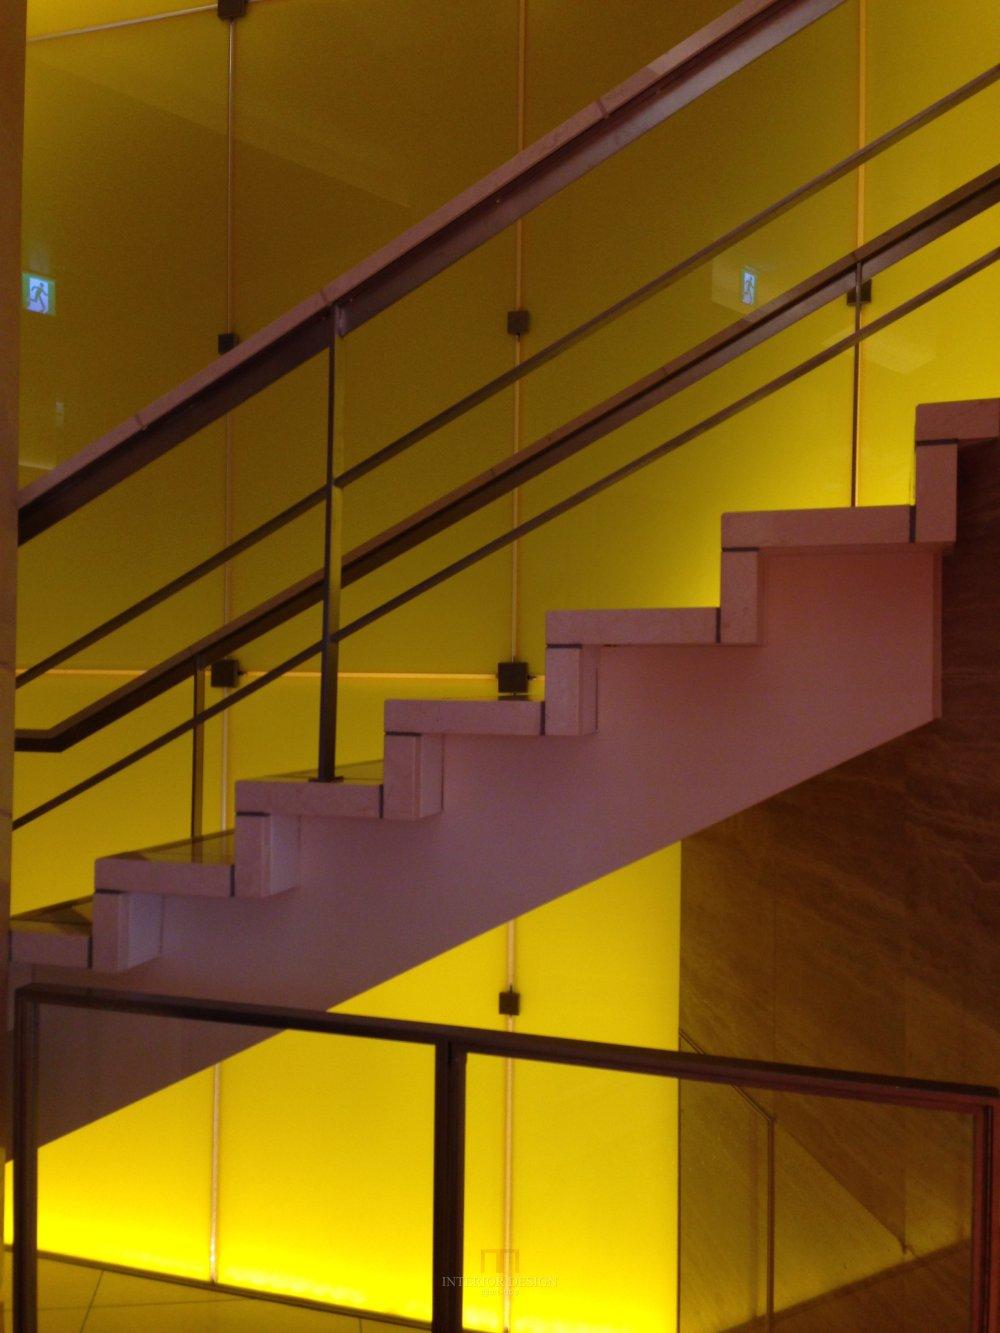 #伙伴一起看日本#  日本设计考察分享(更新美秀美术馆)_IMG_4774.JPG